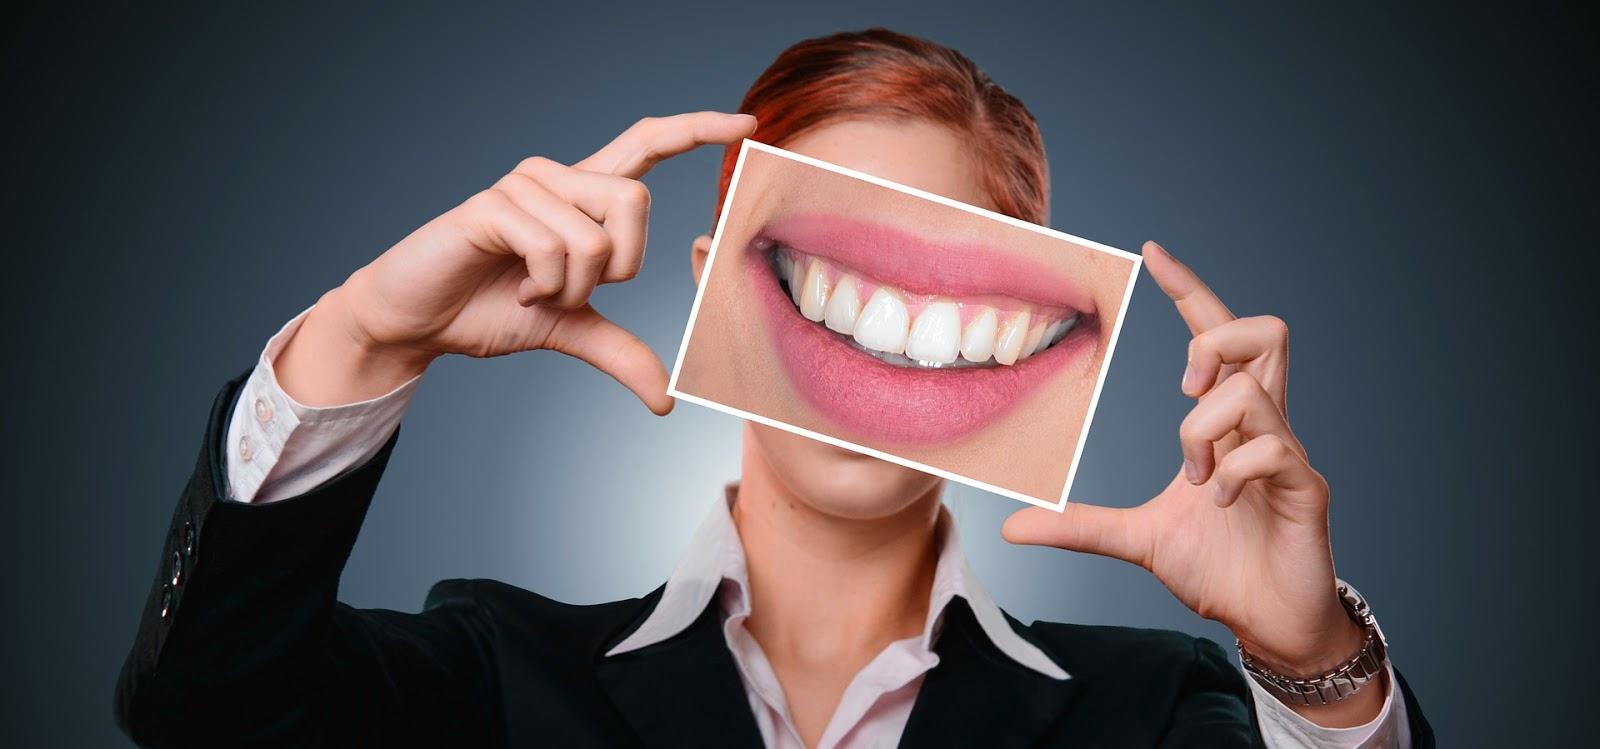 طريقة ازالة جير الاسنان في المنزل،ازالة التكلسات من الاسنان،ازالة الجير من الاسنان بالطب البديل